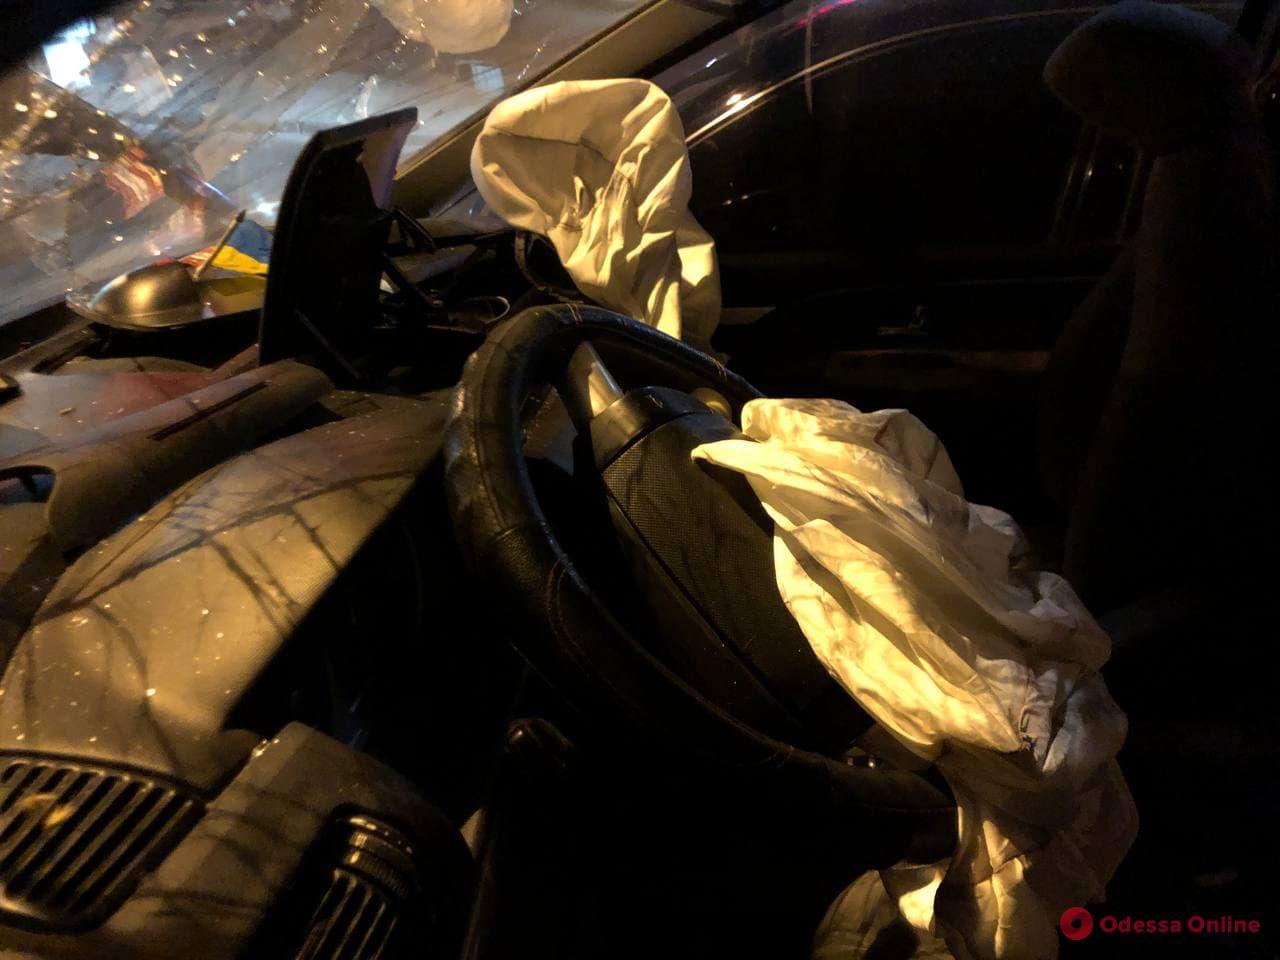 Пьяный за рулем: на Адмиральском проспекте Ford столкнулся с Audi и влетел в дерево — есть пострадавшие (фото)